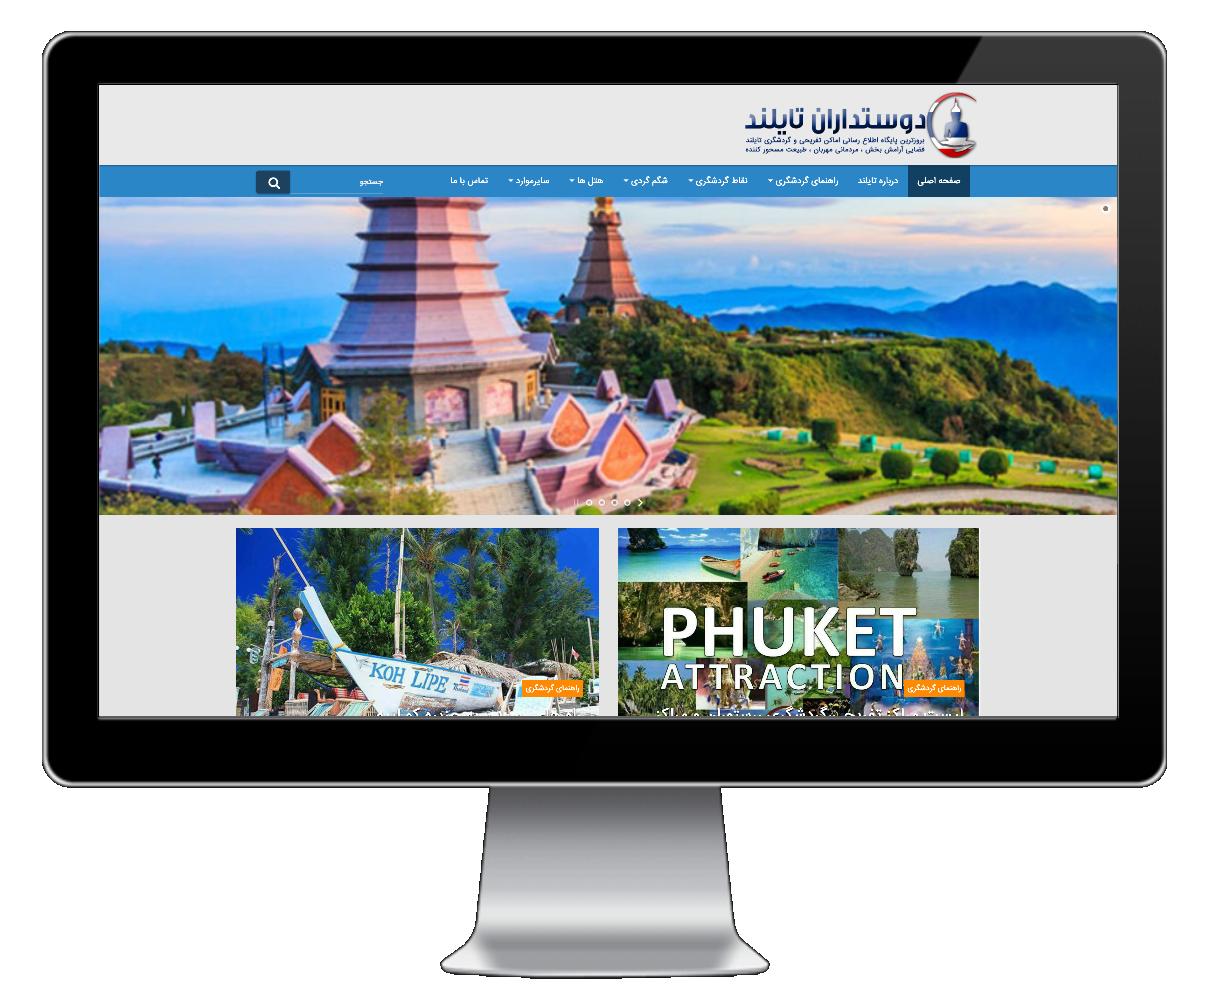 طراحی سایت گردشگری دوست داران تایلند